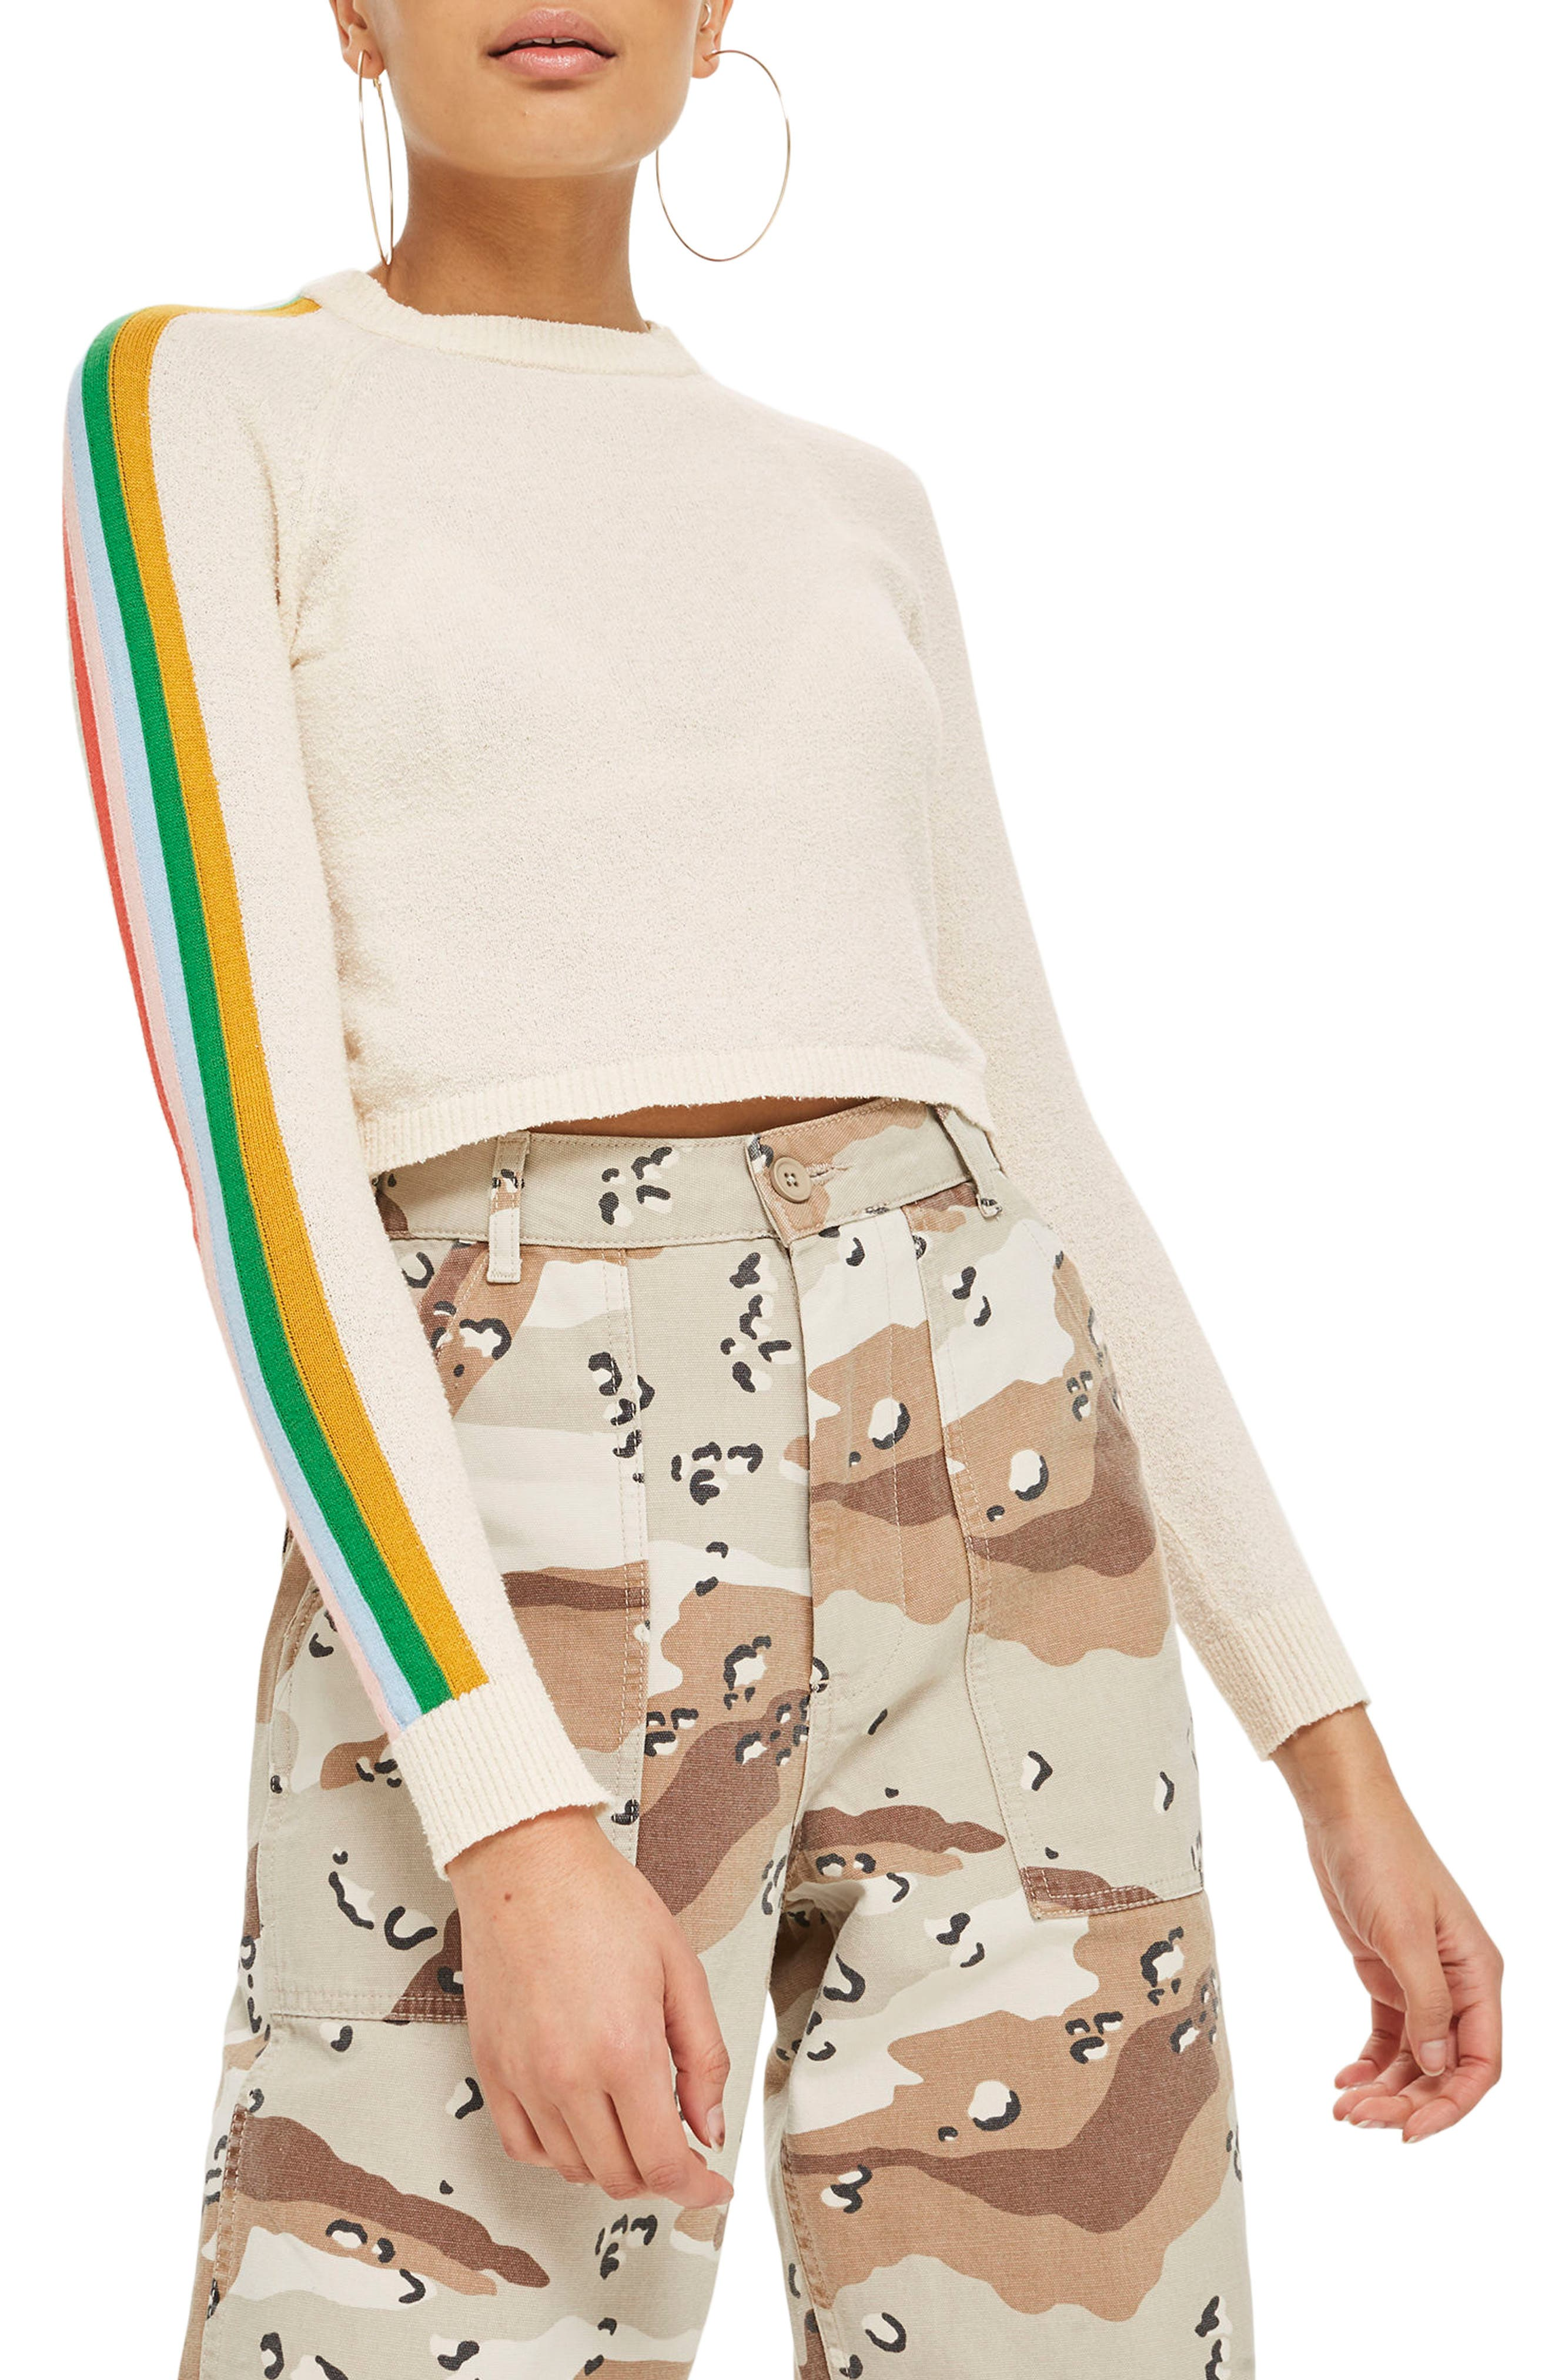 Rainbow Sleeve Knit Top,                             Main thumbnail 1, color,                             900